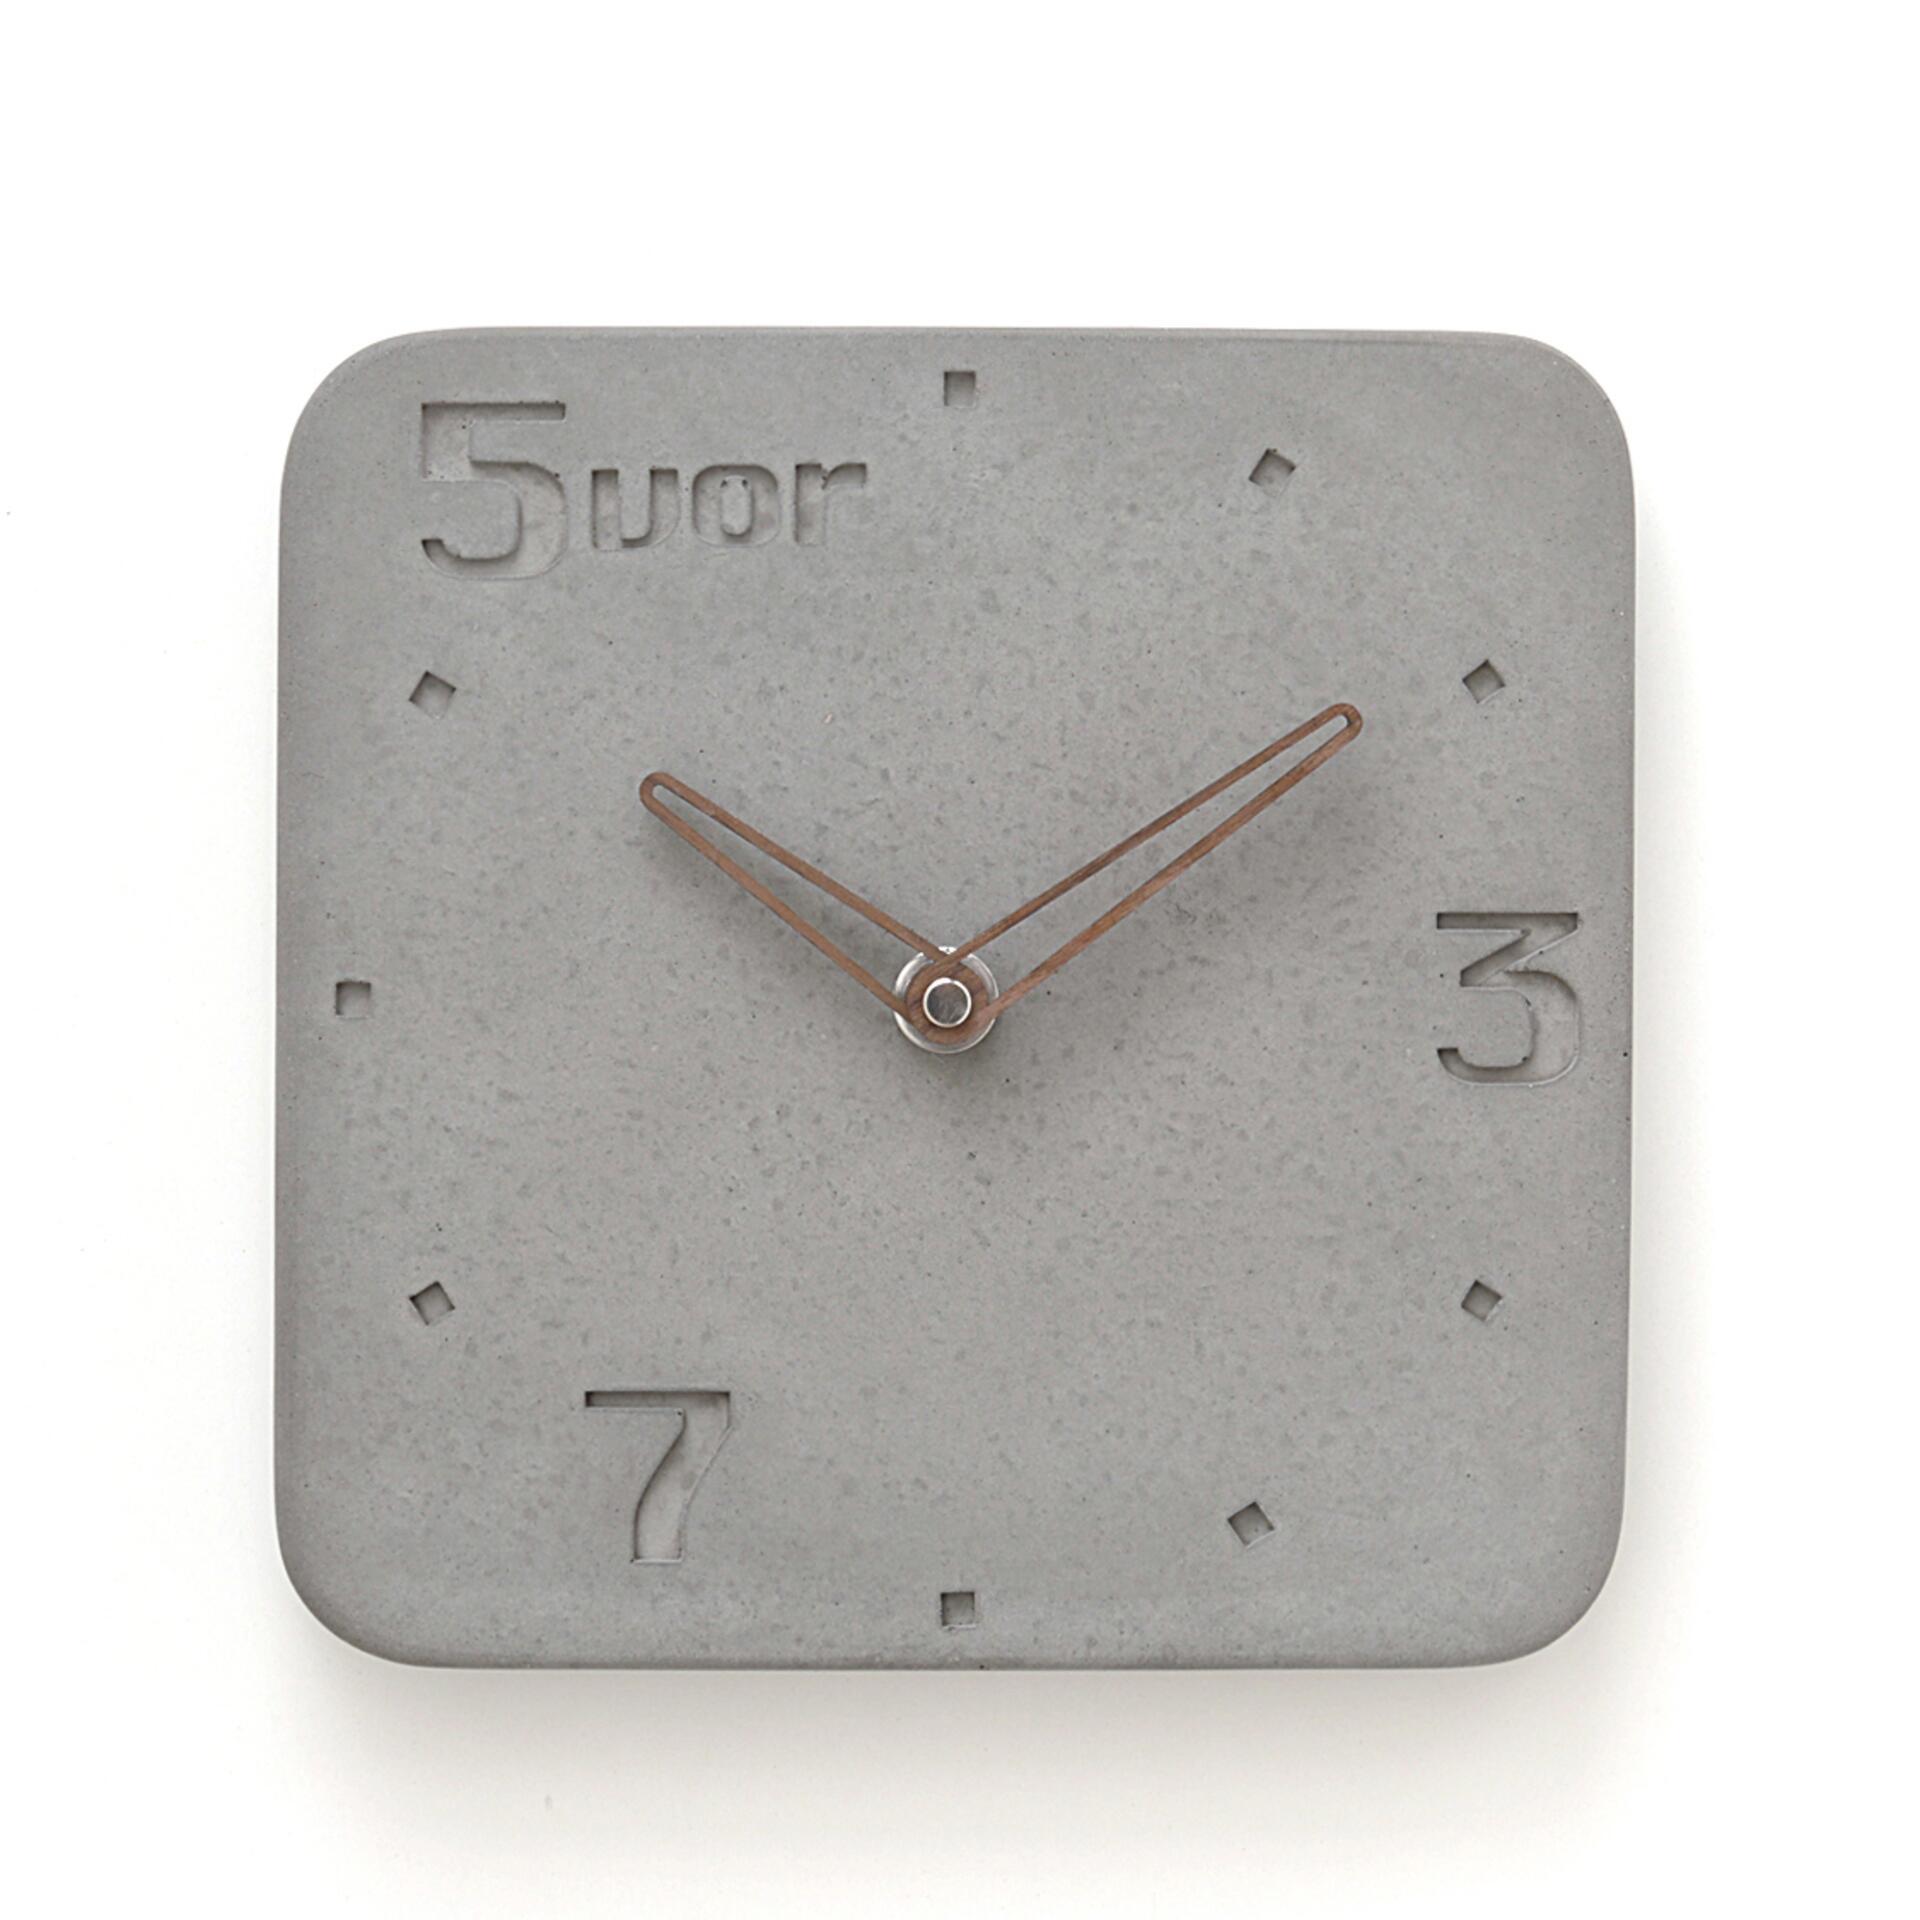 Wertwerke Wanduhr aus Beton 5VOR Grau 20 x 20 cm Nussbaum Rahmen